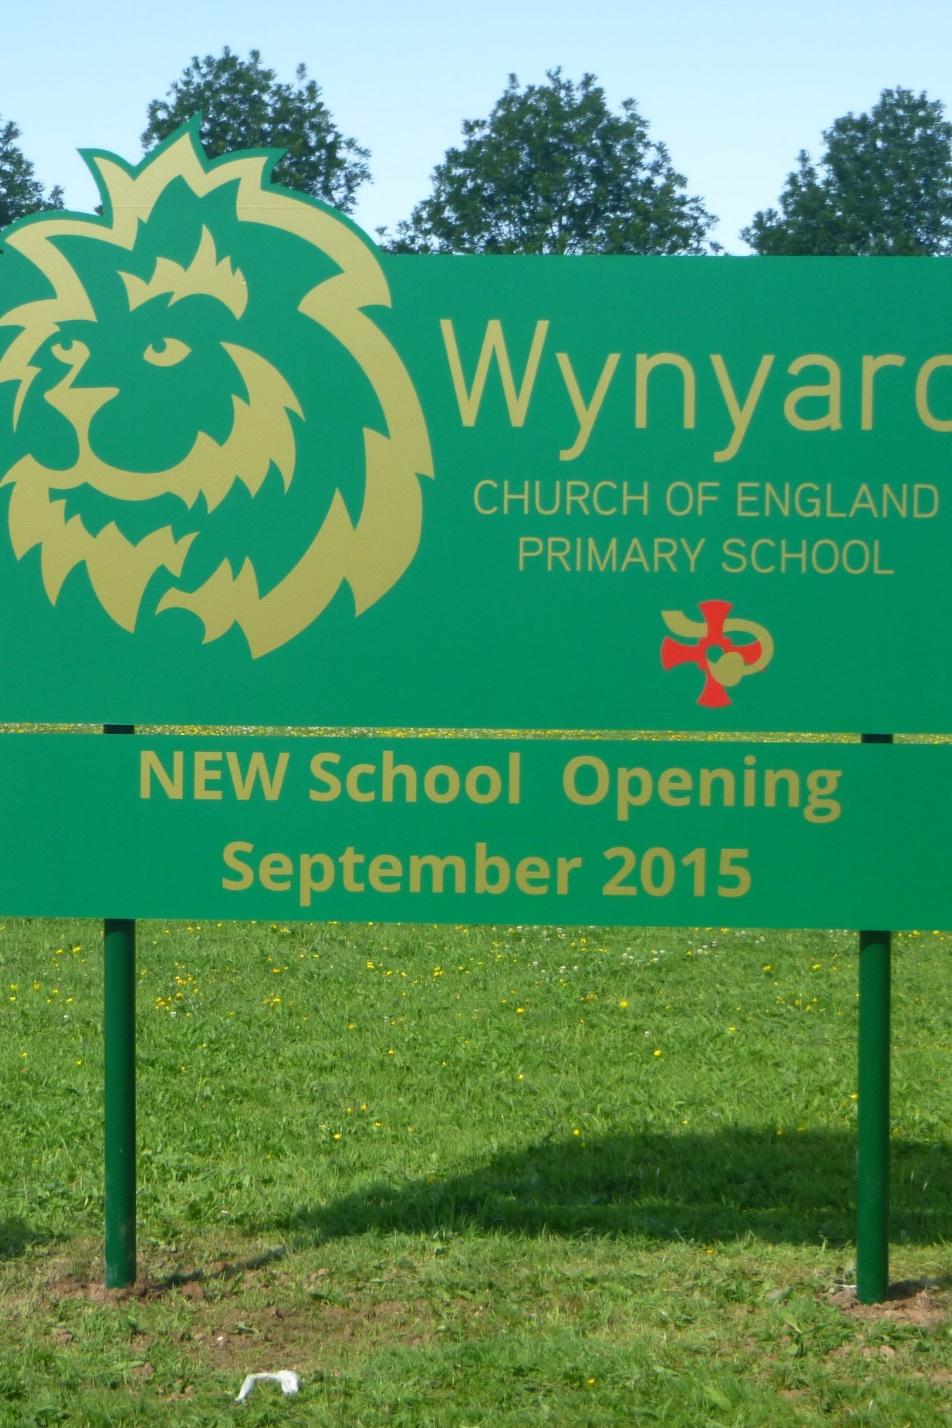 Wynyard Church of England Post Sign